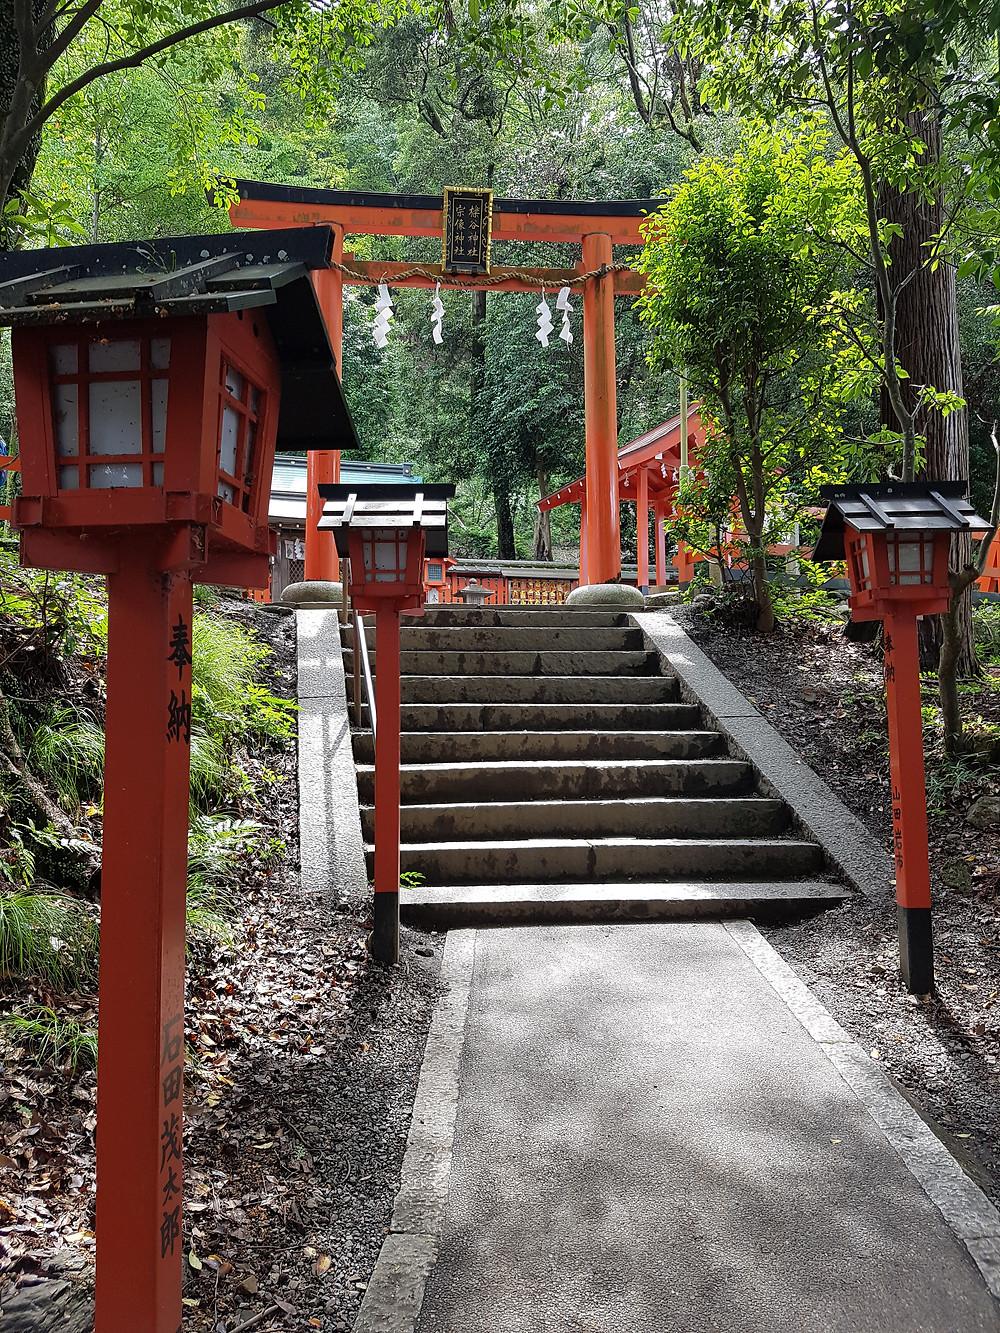 Eingangsbereich am Fusse des Hügels